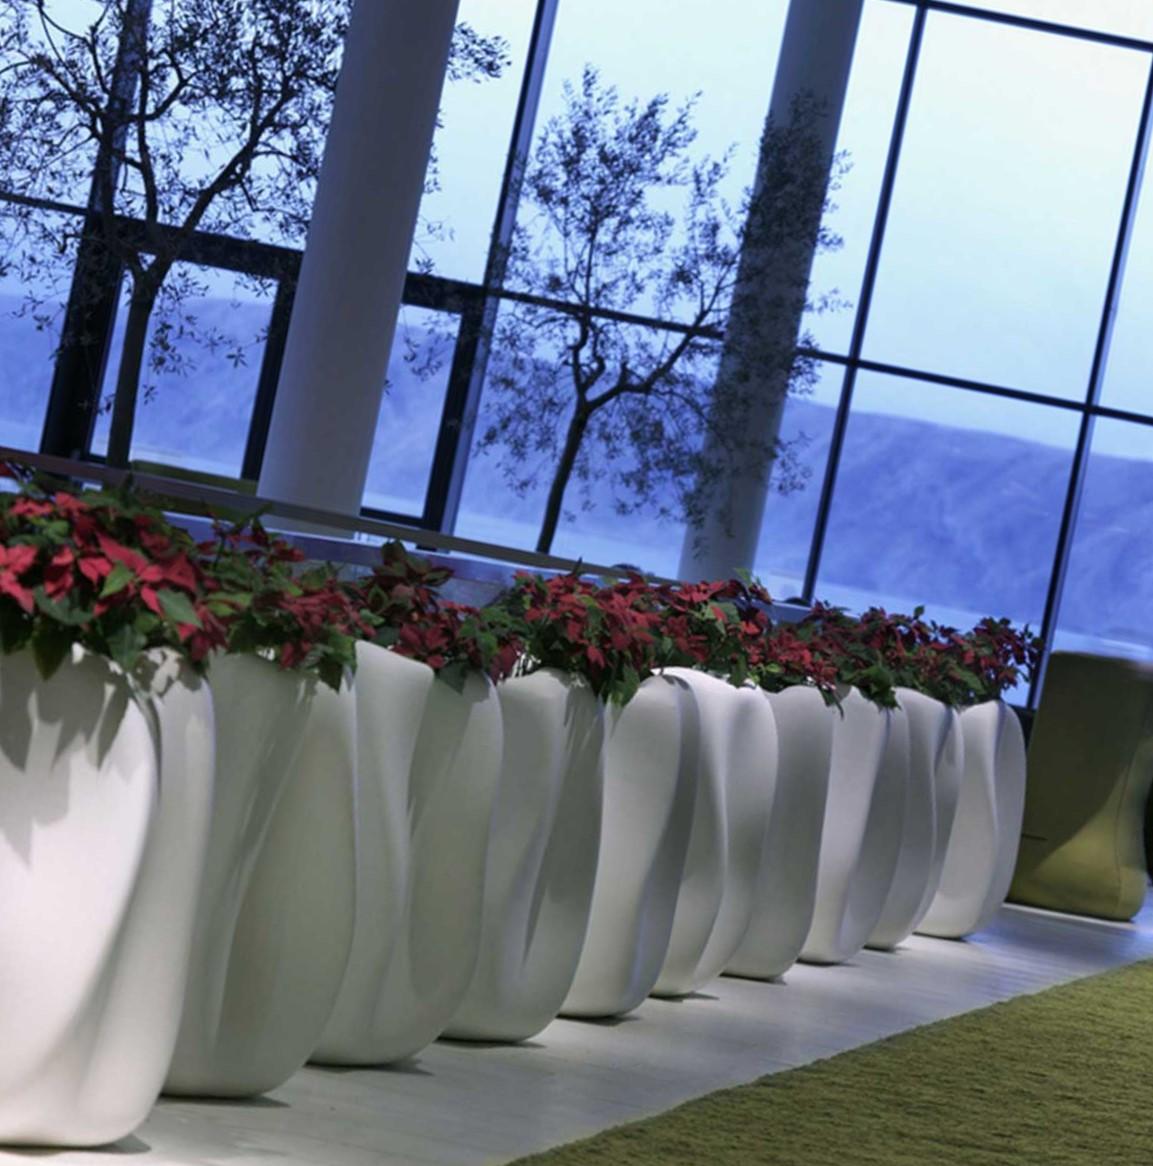 Dal design raffinato e al tempo stesso moderno, questi vasi risultano molto versatili in quanto capaci di adattarsi ai diversi stili di arredamento. Vendita Vasi Di Design Per Piante A Como Linea Verde